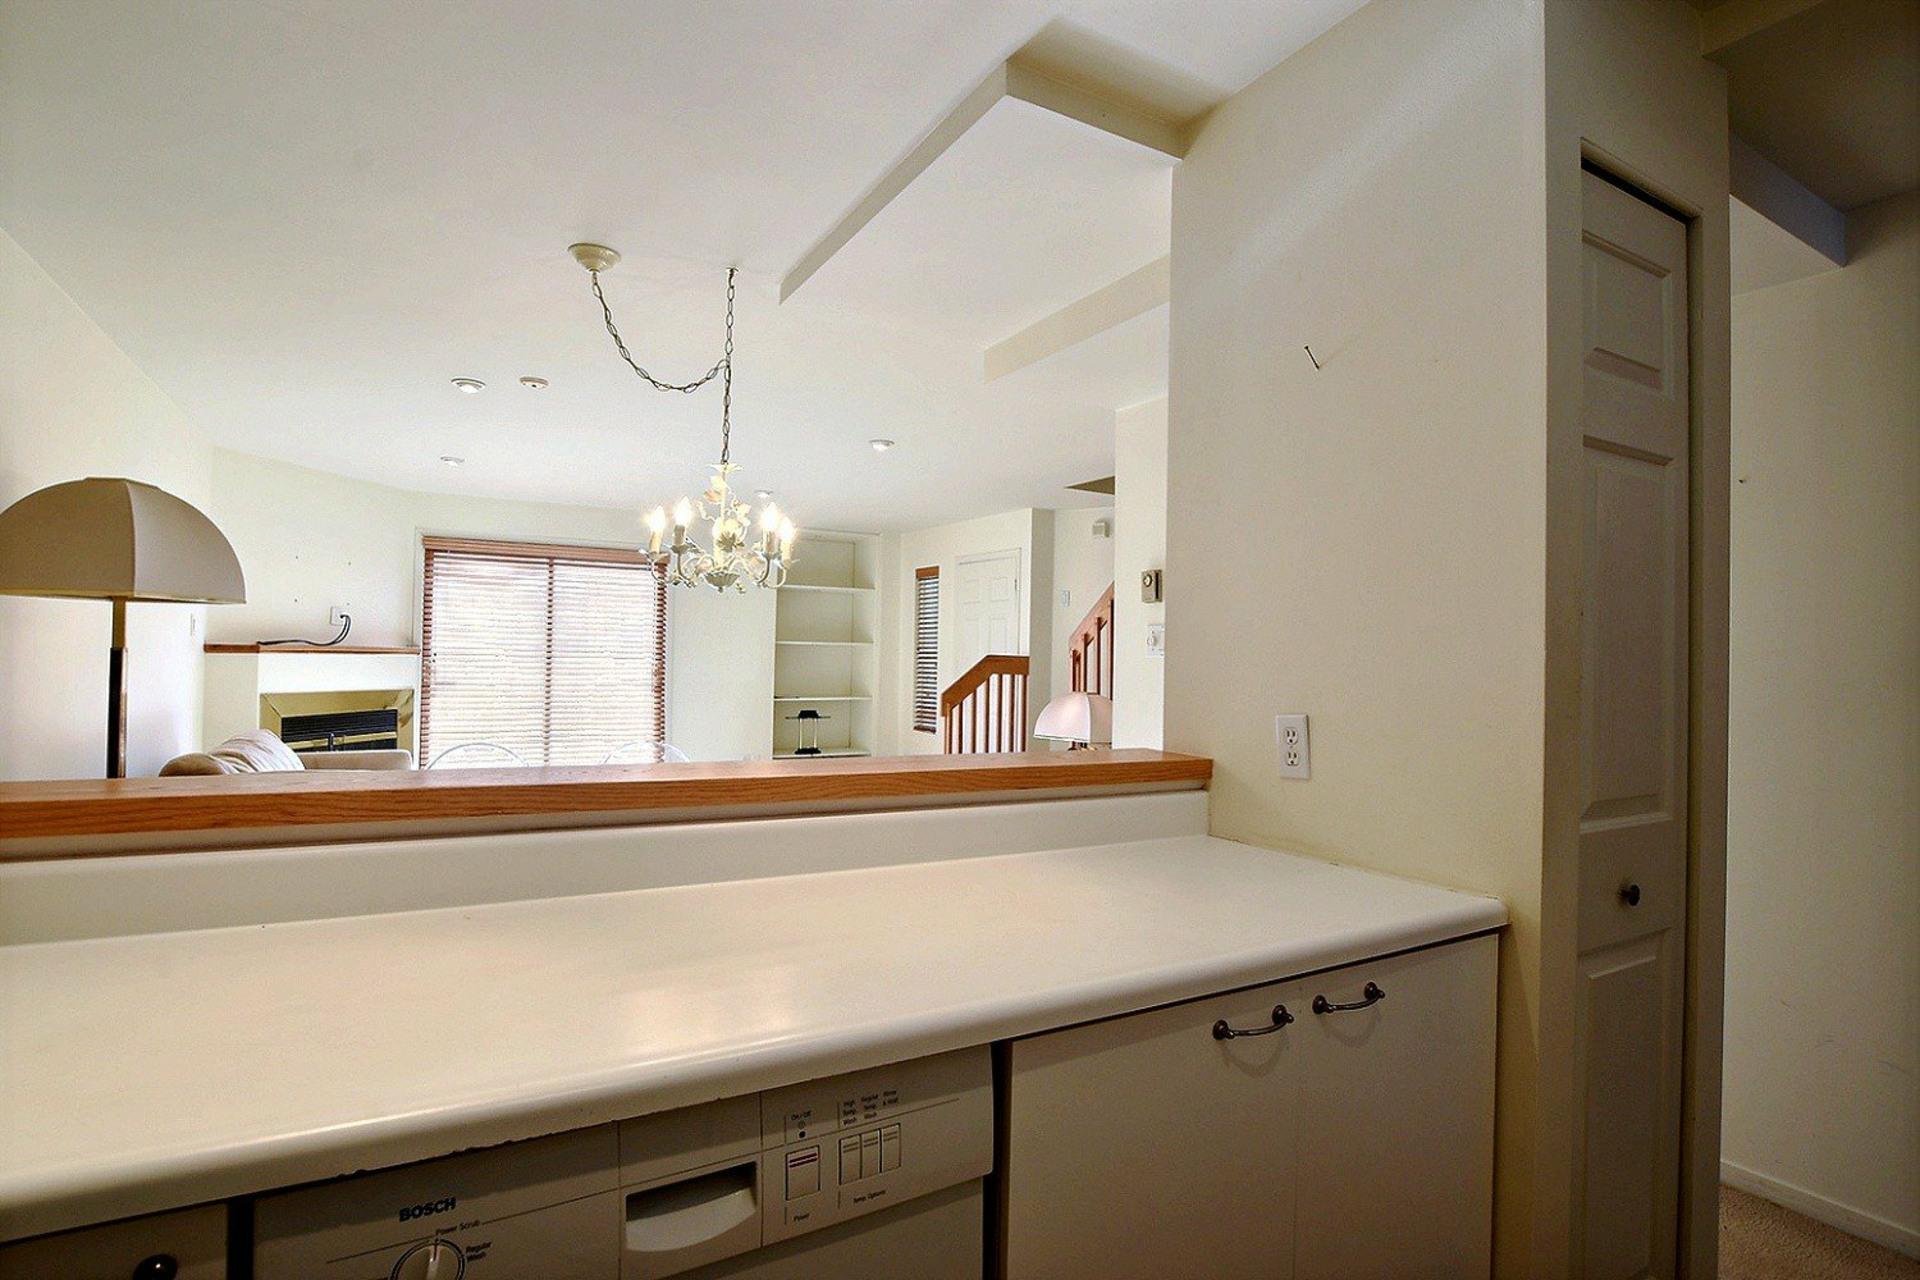 image 8 - Appartement À vendre Verdun/Île-des-Soeurs Montréal  - 7 pièces